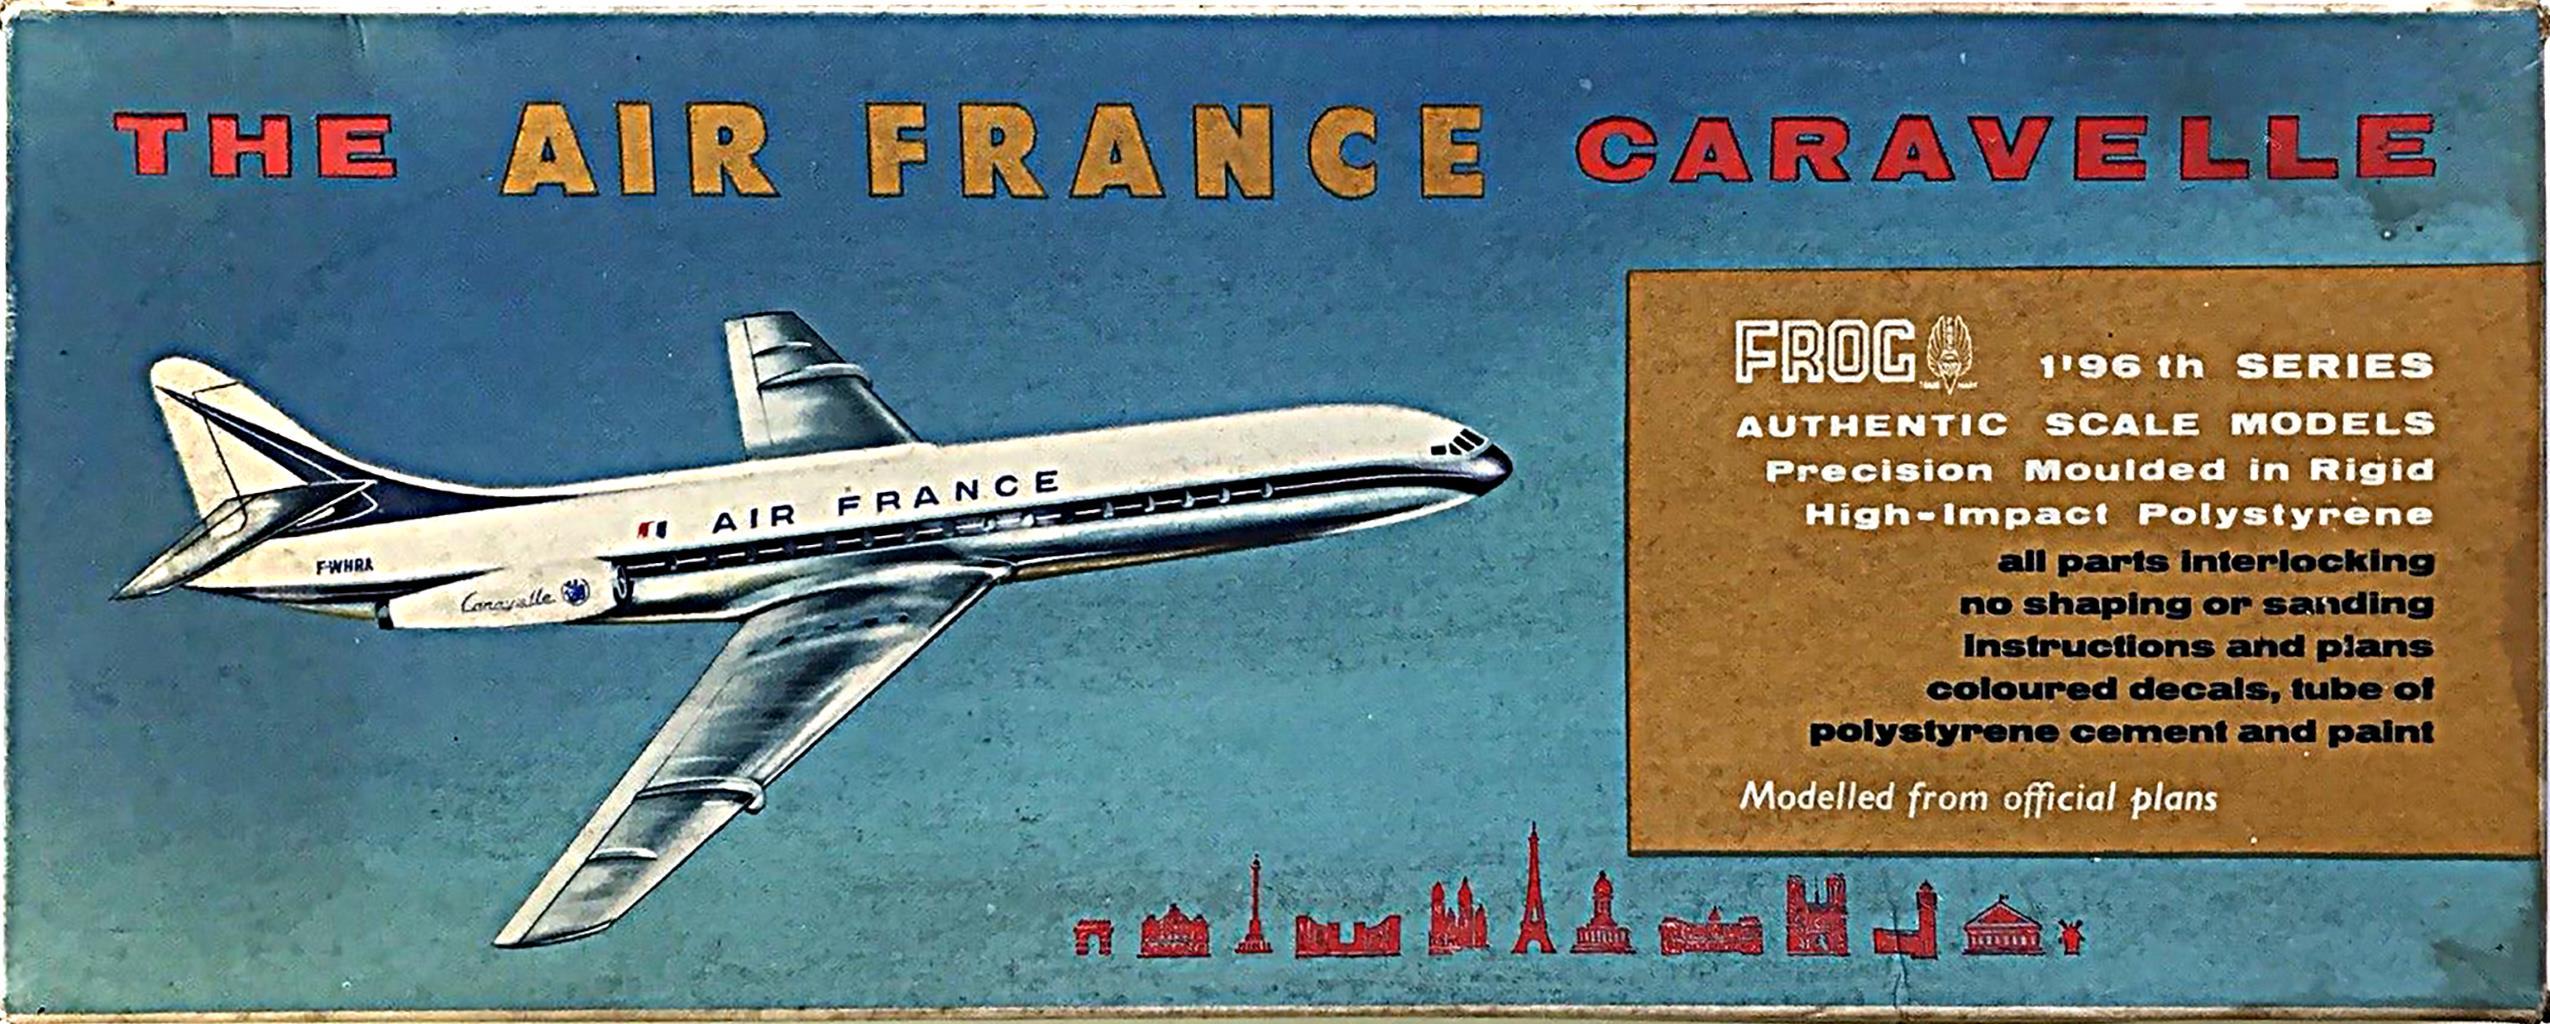 SE-210 Caravelle|FROG 357P Caravelle Air France|FROG F357